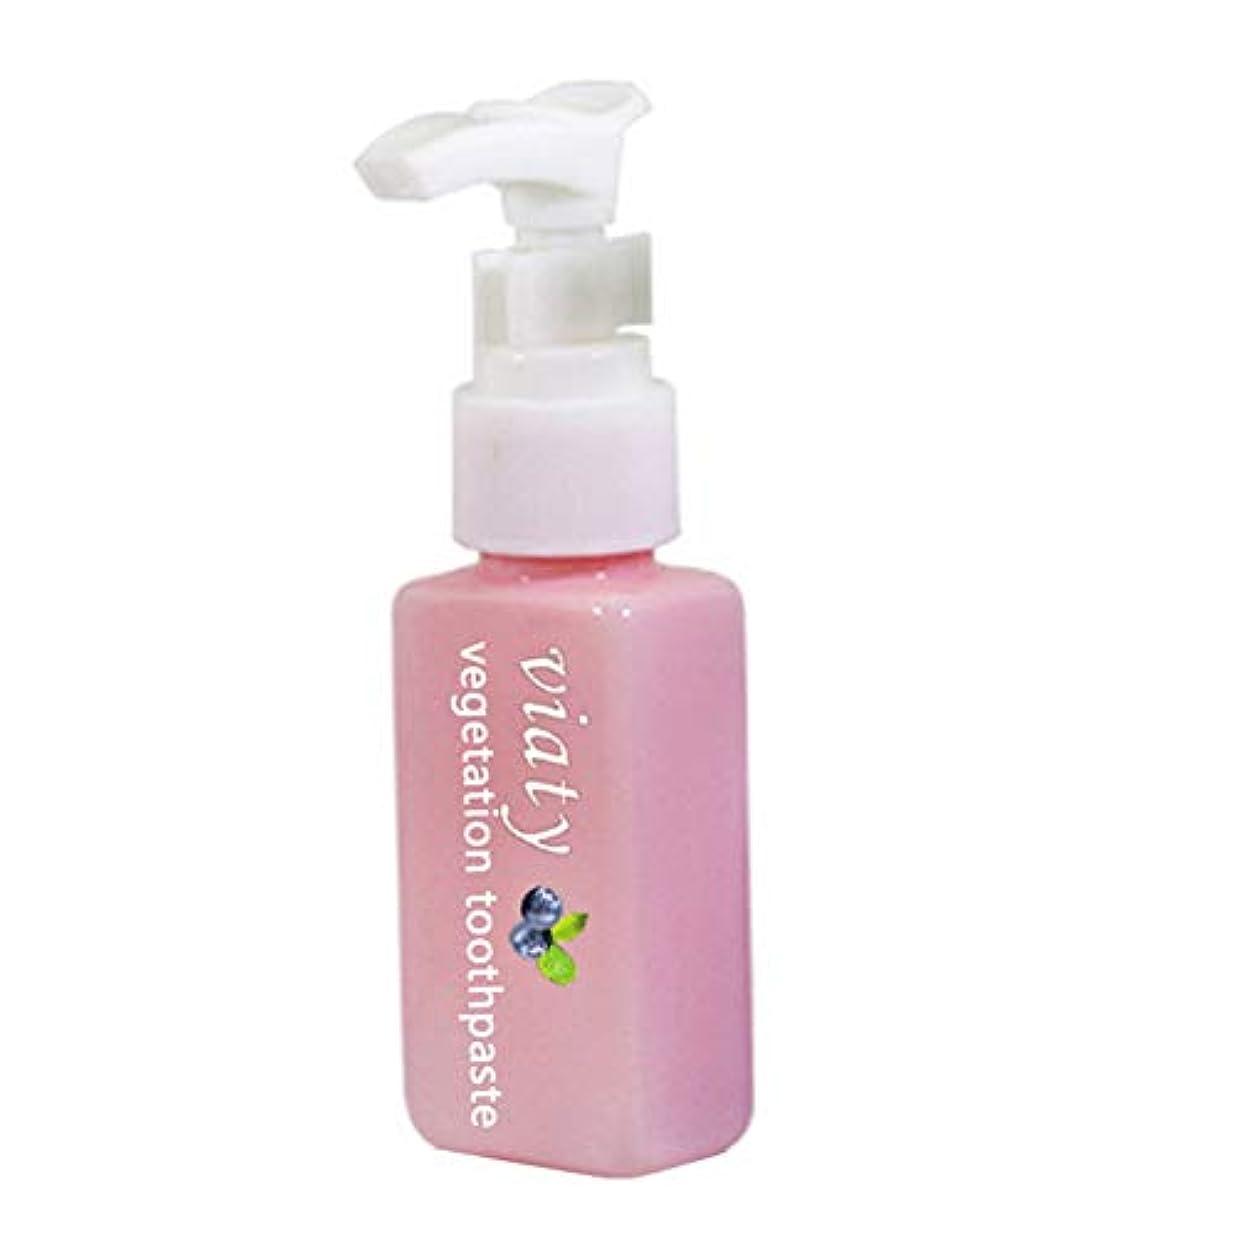 CoolTack 歯磨き粉アンチブリードガムプレスタイプ新鮮な歯磨き粉を白くする汚れ除去剤